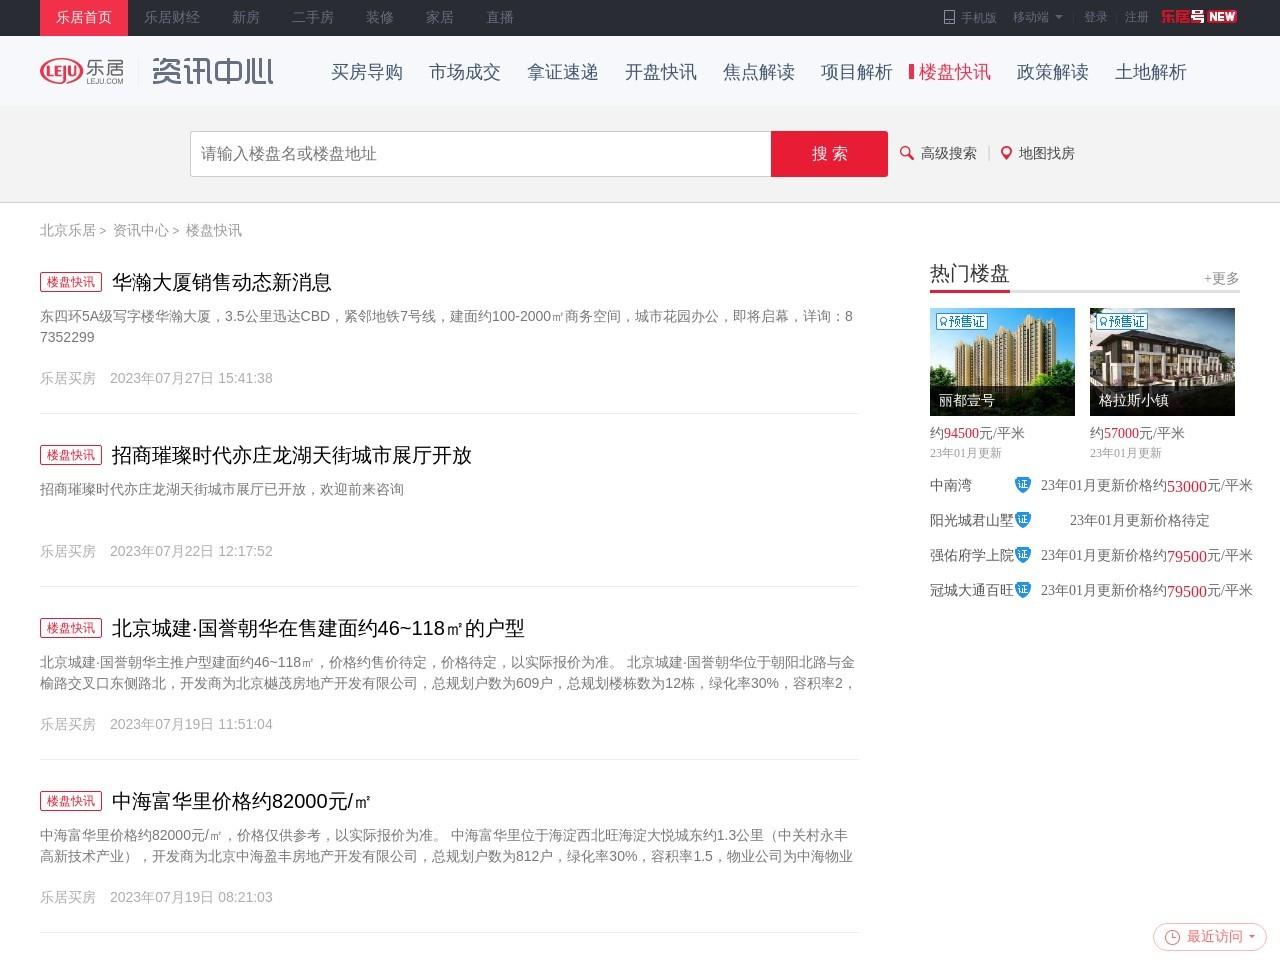 【北京楼盘快讯 北京房产资讯】-北京乐居网